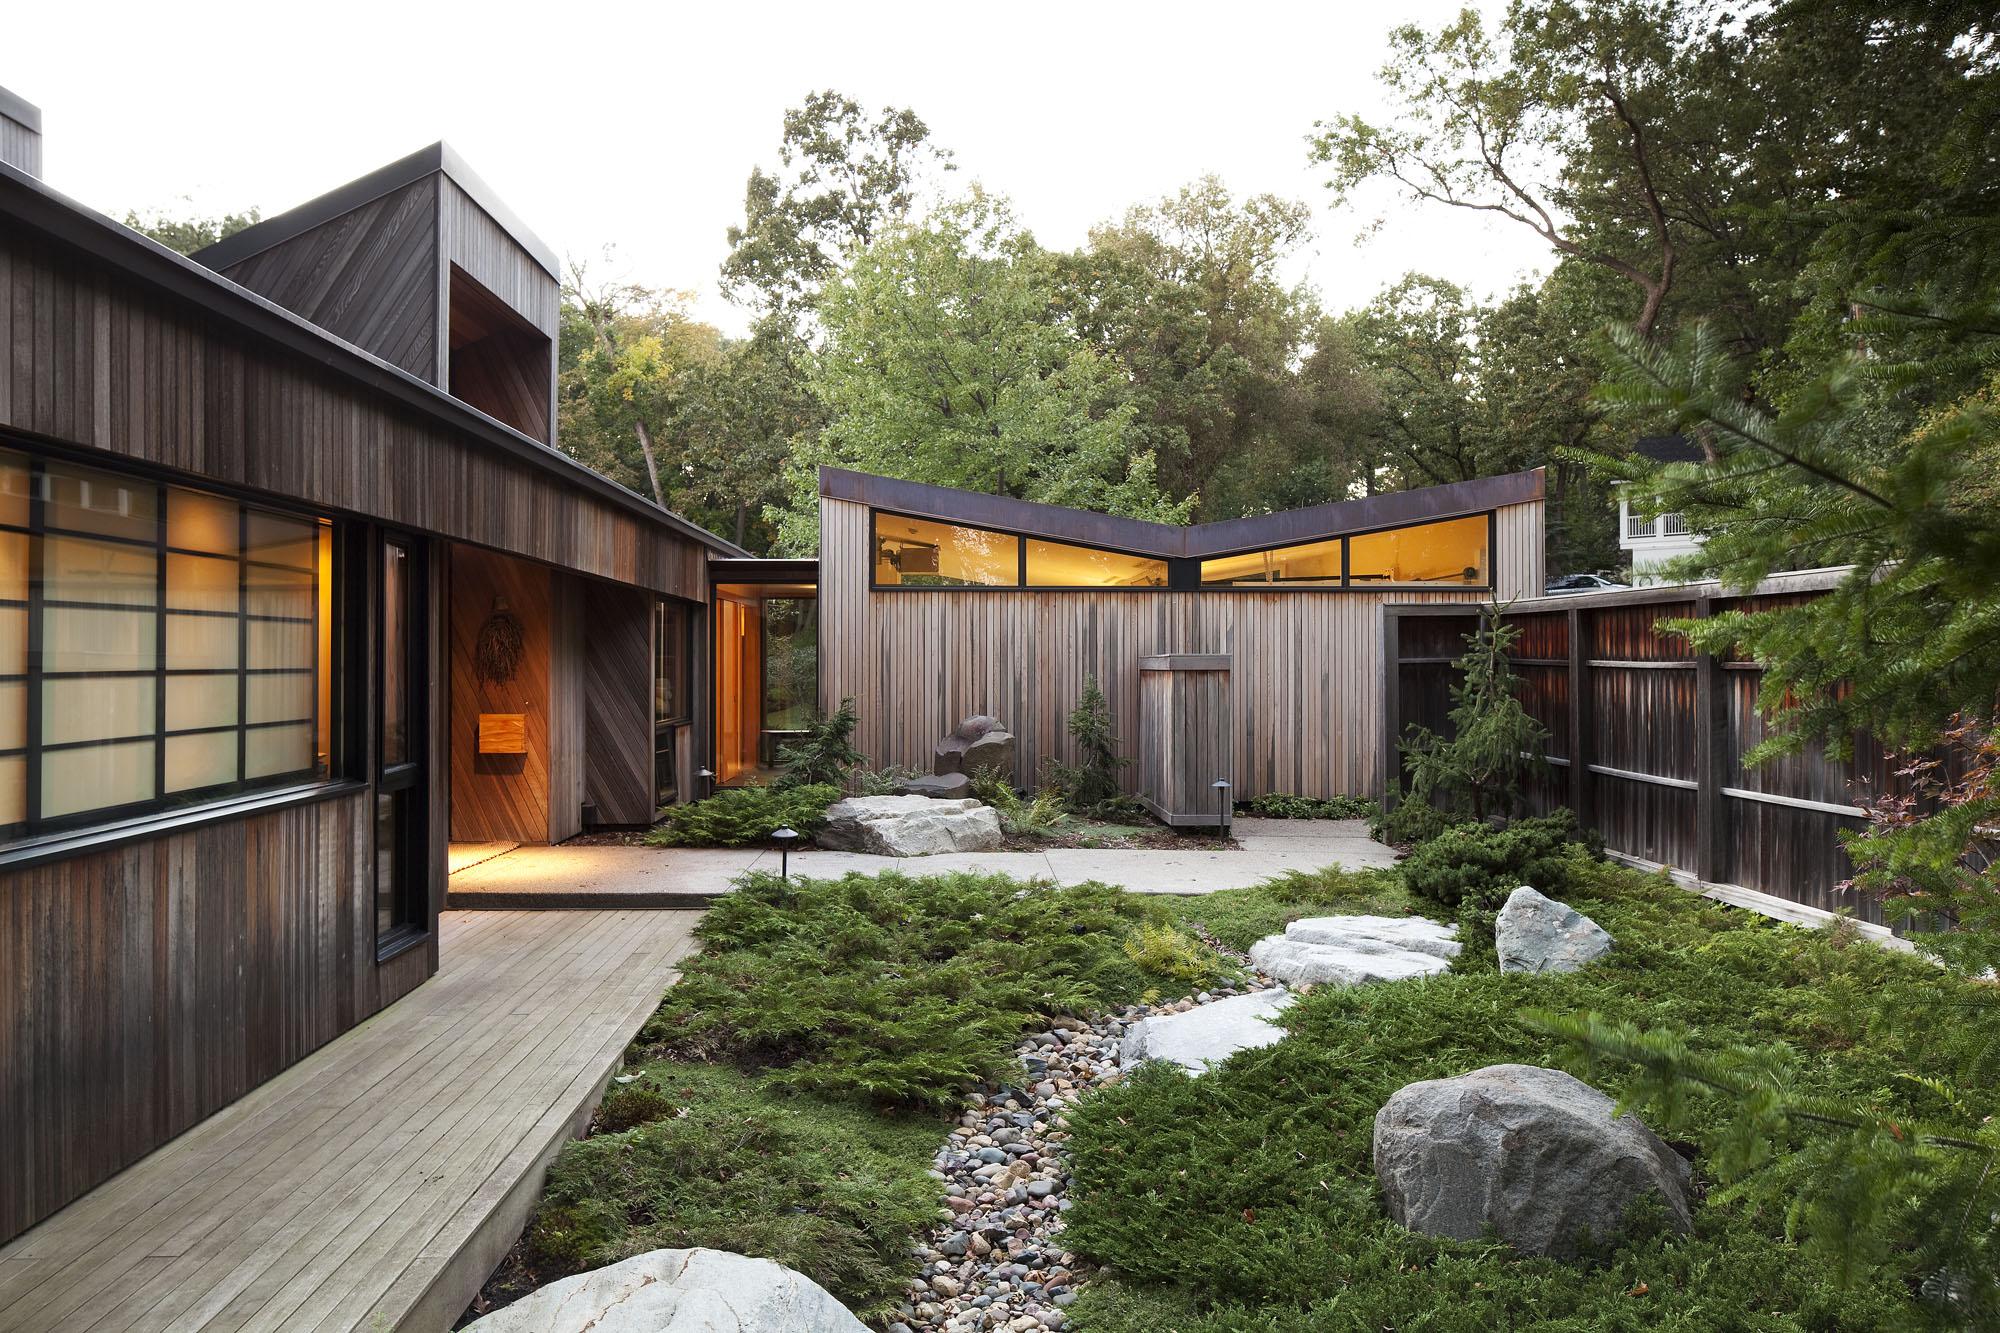 idée de maison moderne avec un jardin zen, chemin de galets, plante couvrant sol et grosses pierres, clôture en bois